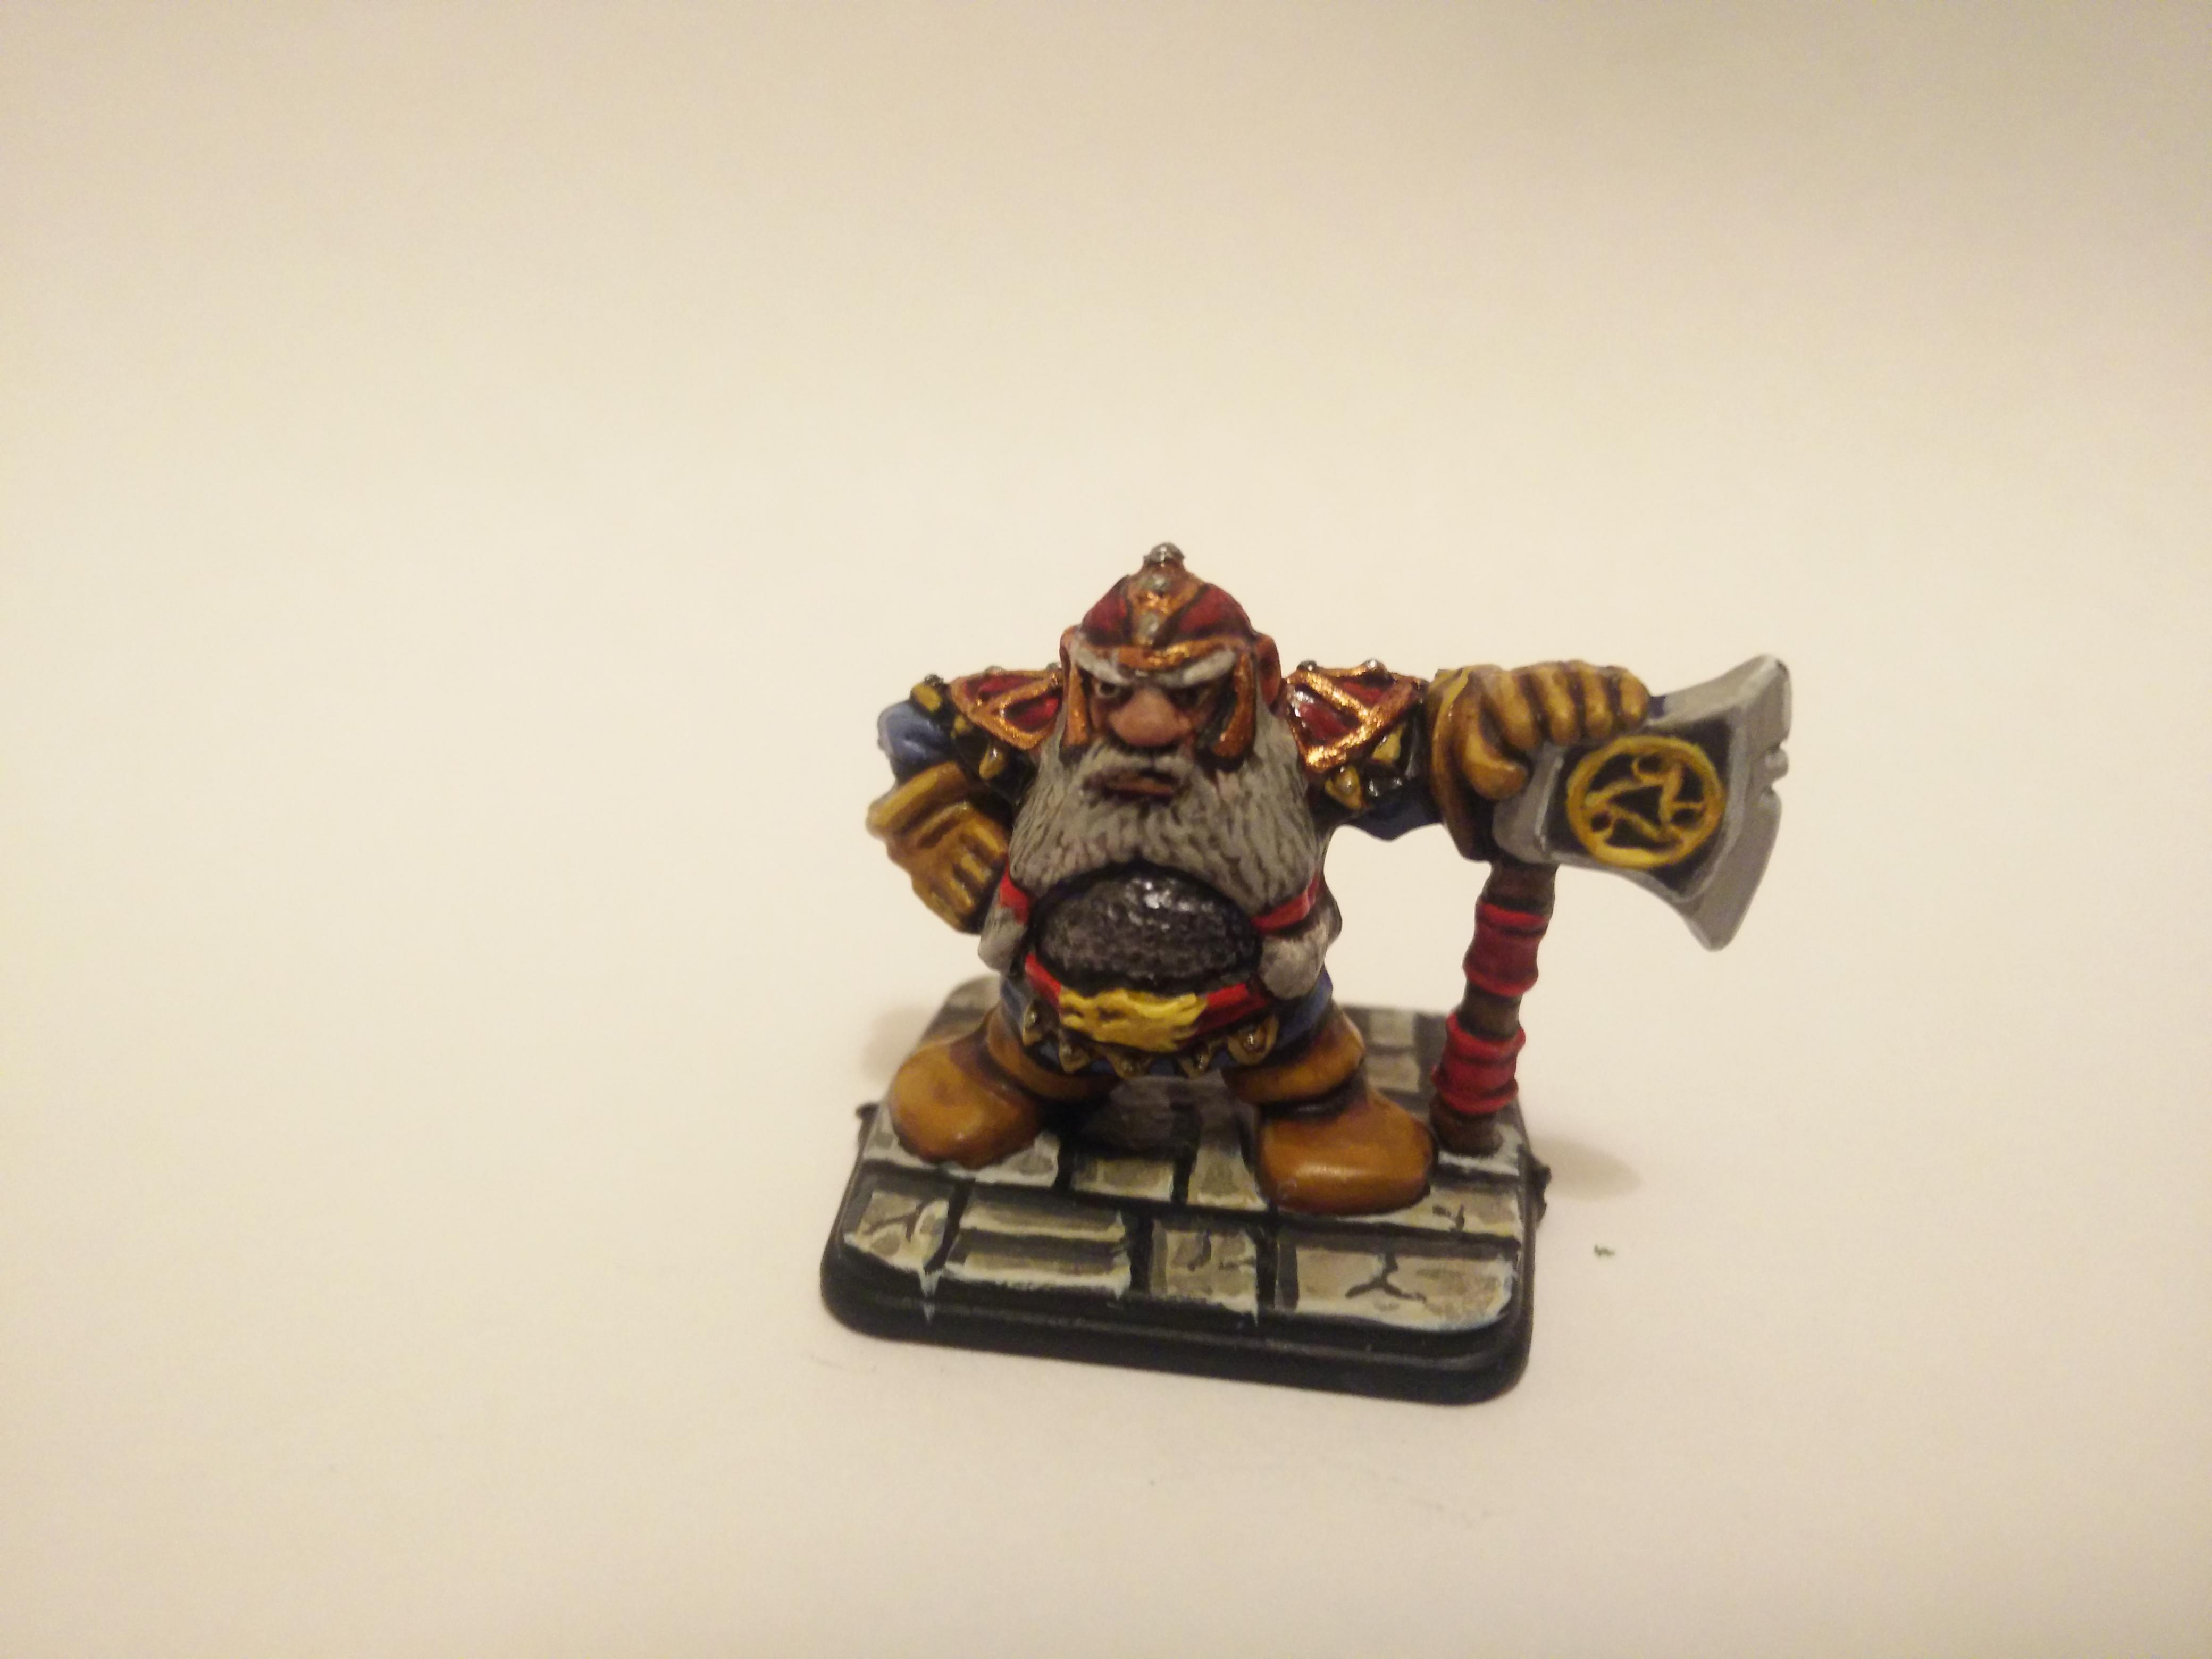 Dwarves, Heroquest, Warhammer Fantasy